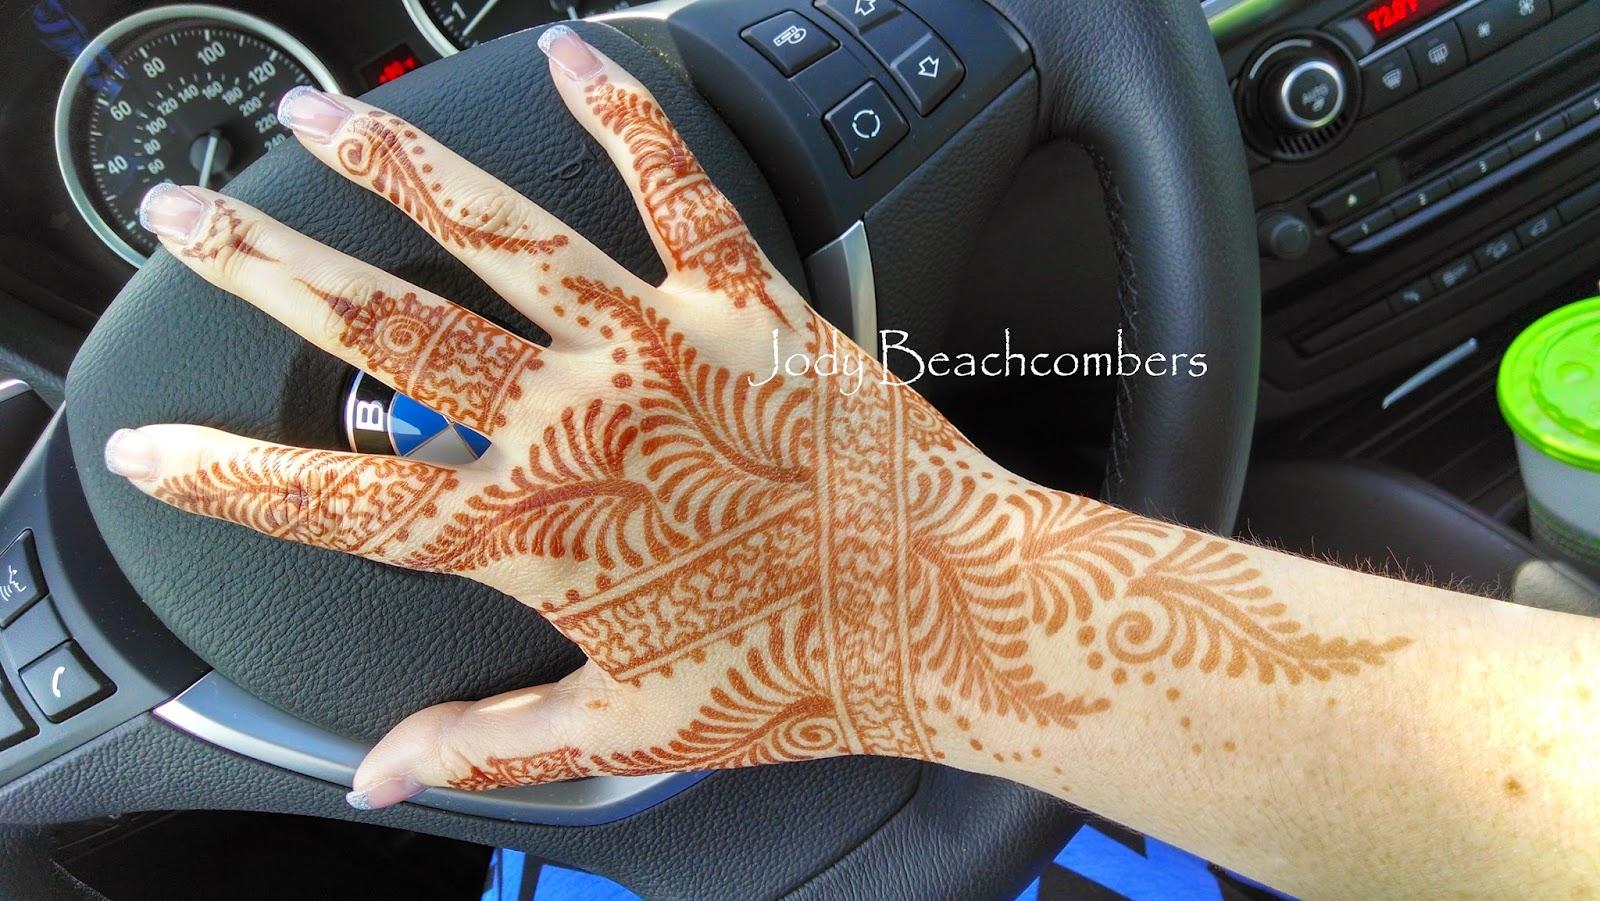 Beachcombers Bazaar Henna Studio And Supply Black Henna Dangers